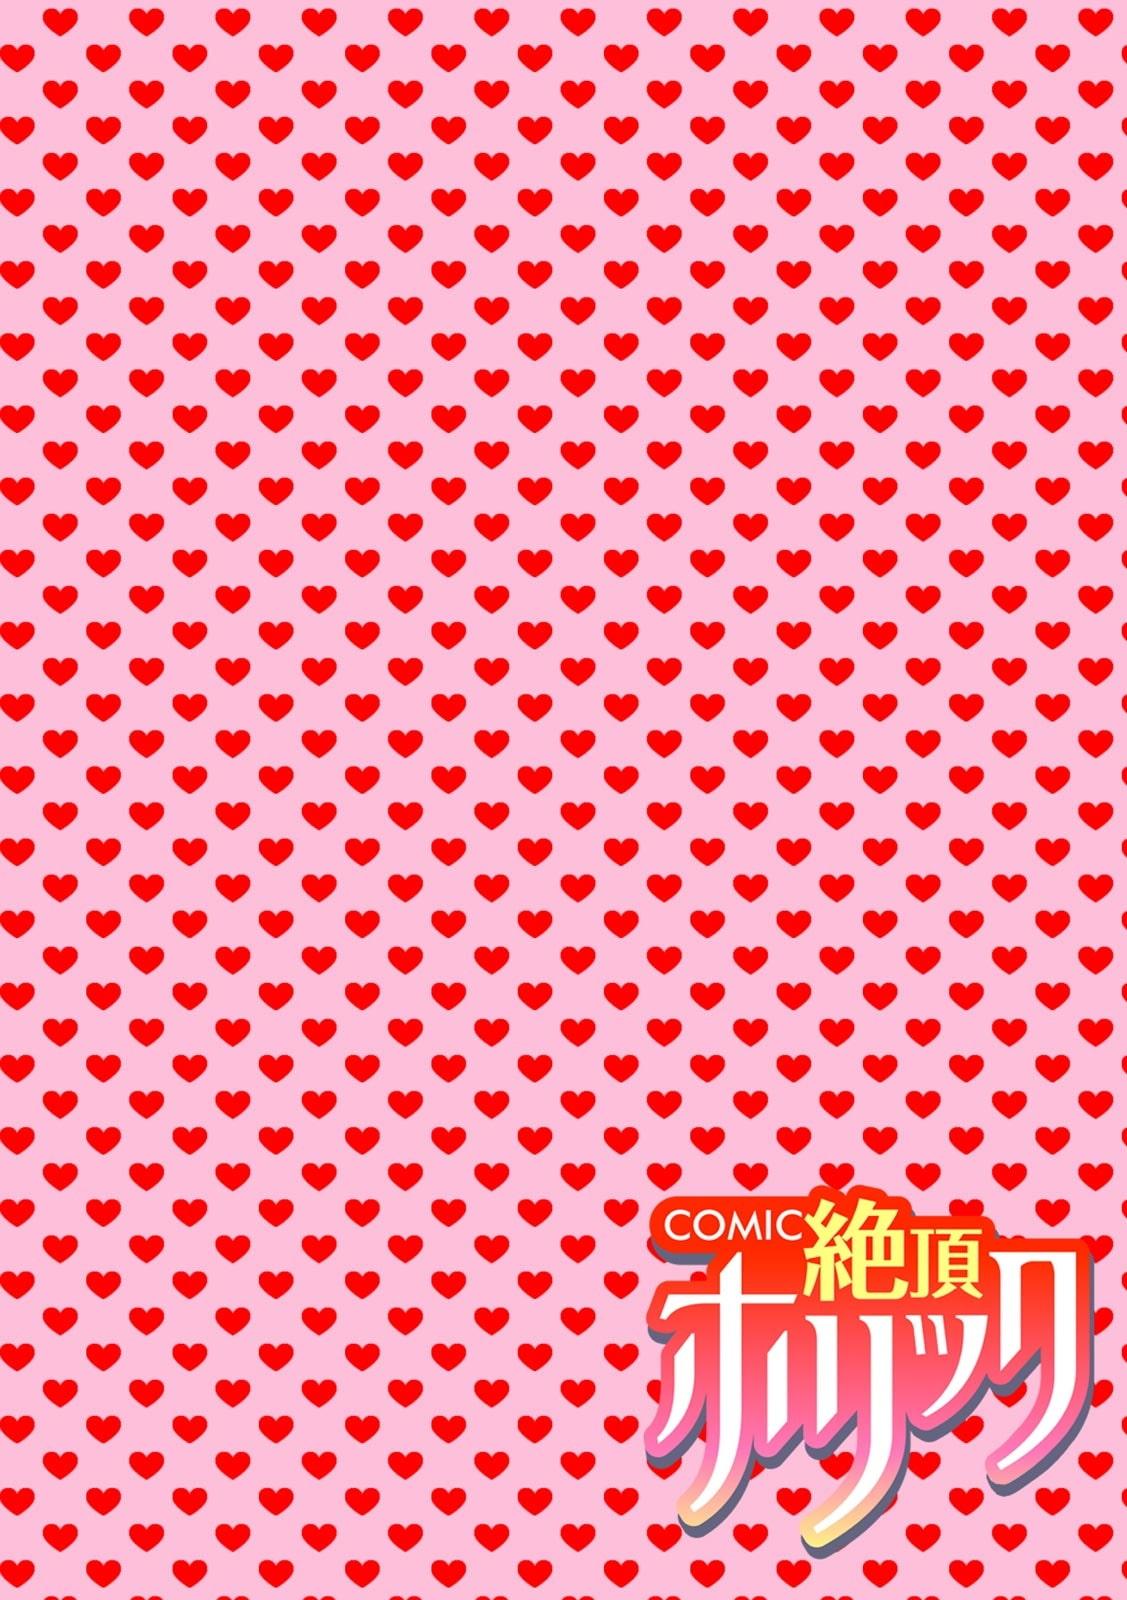 COMIC絶頂ホリック vol.28